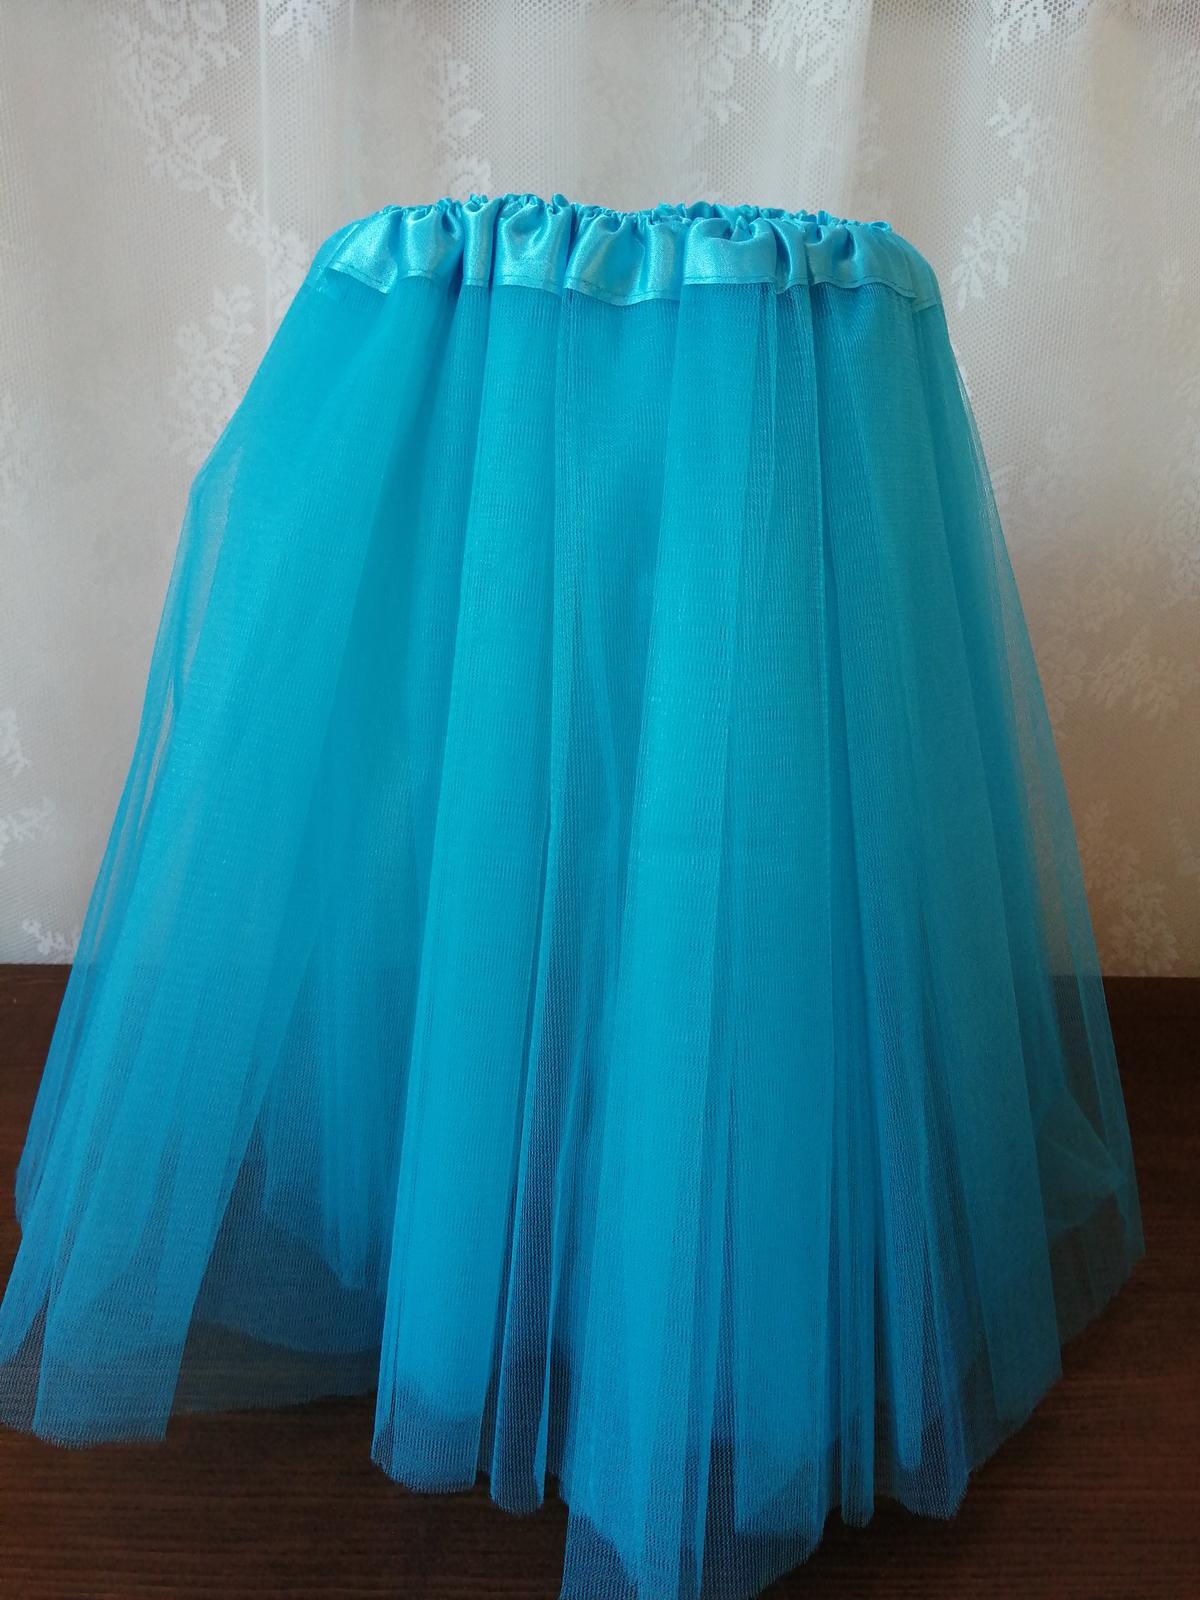 Tylová sukňa modrá - Obrázok č. 1